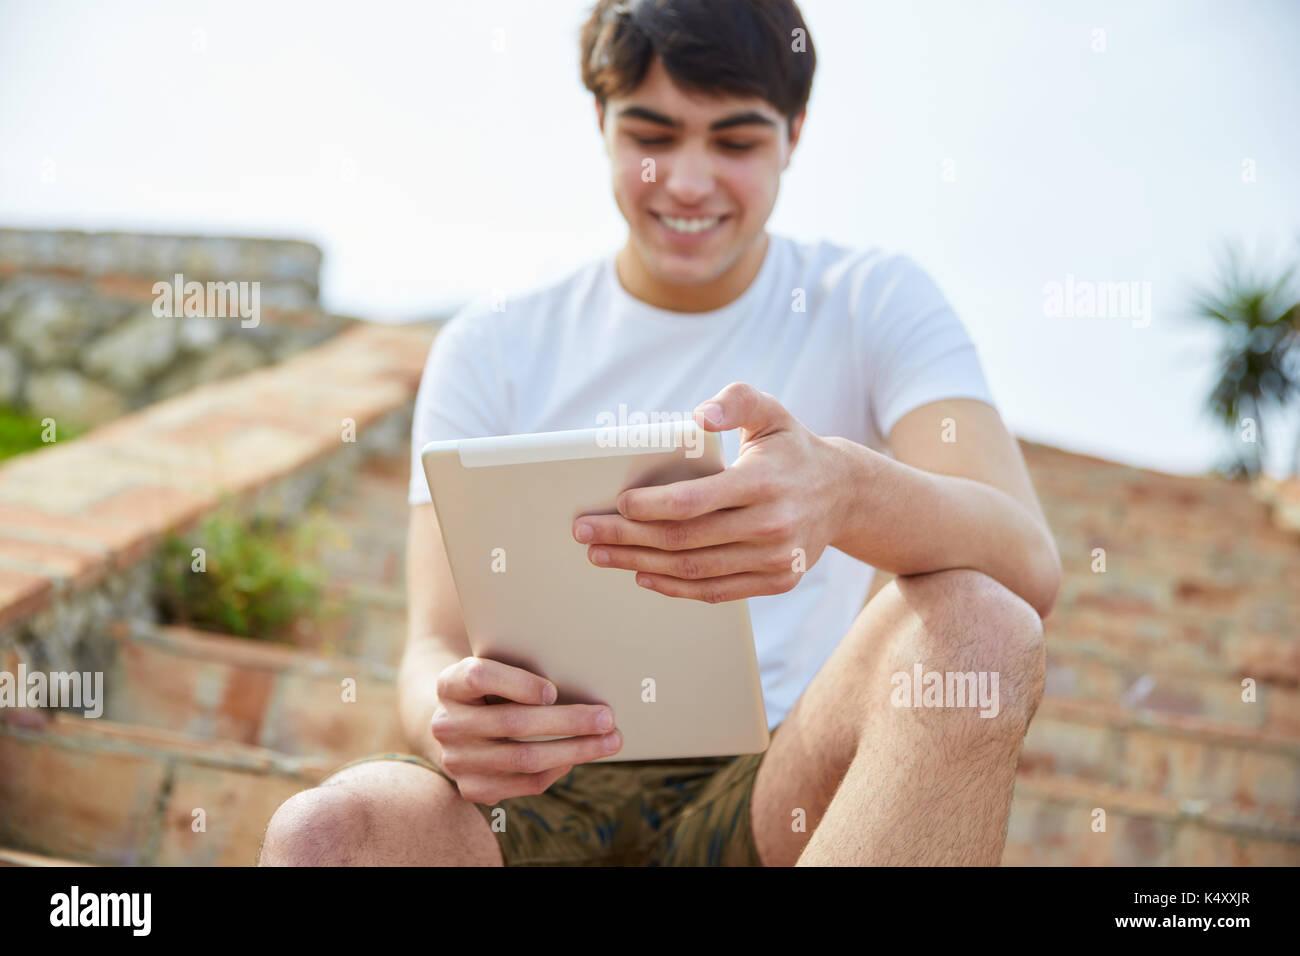 Ritratto di giovane uomo felice seduta sulle scale fuori utilizzando tablet Immagini Stock